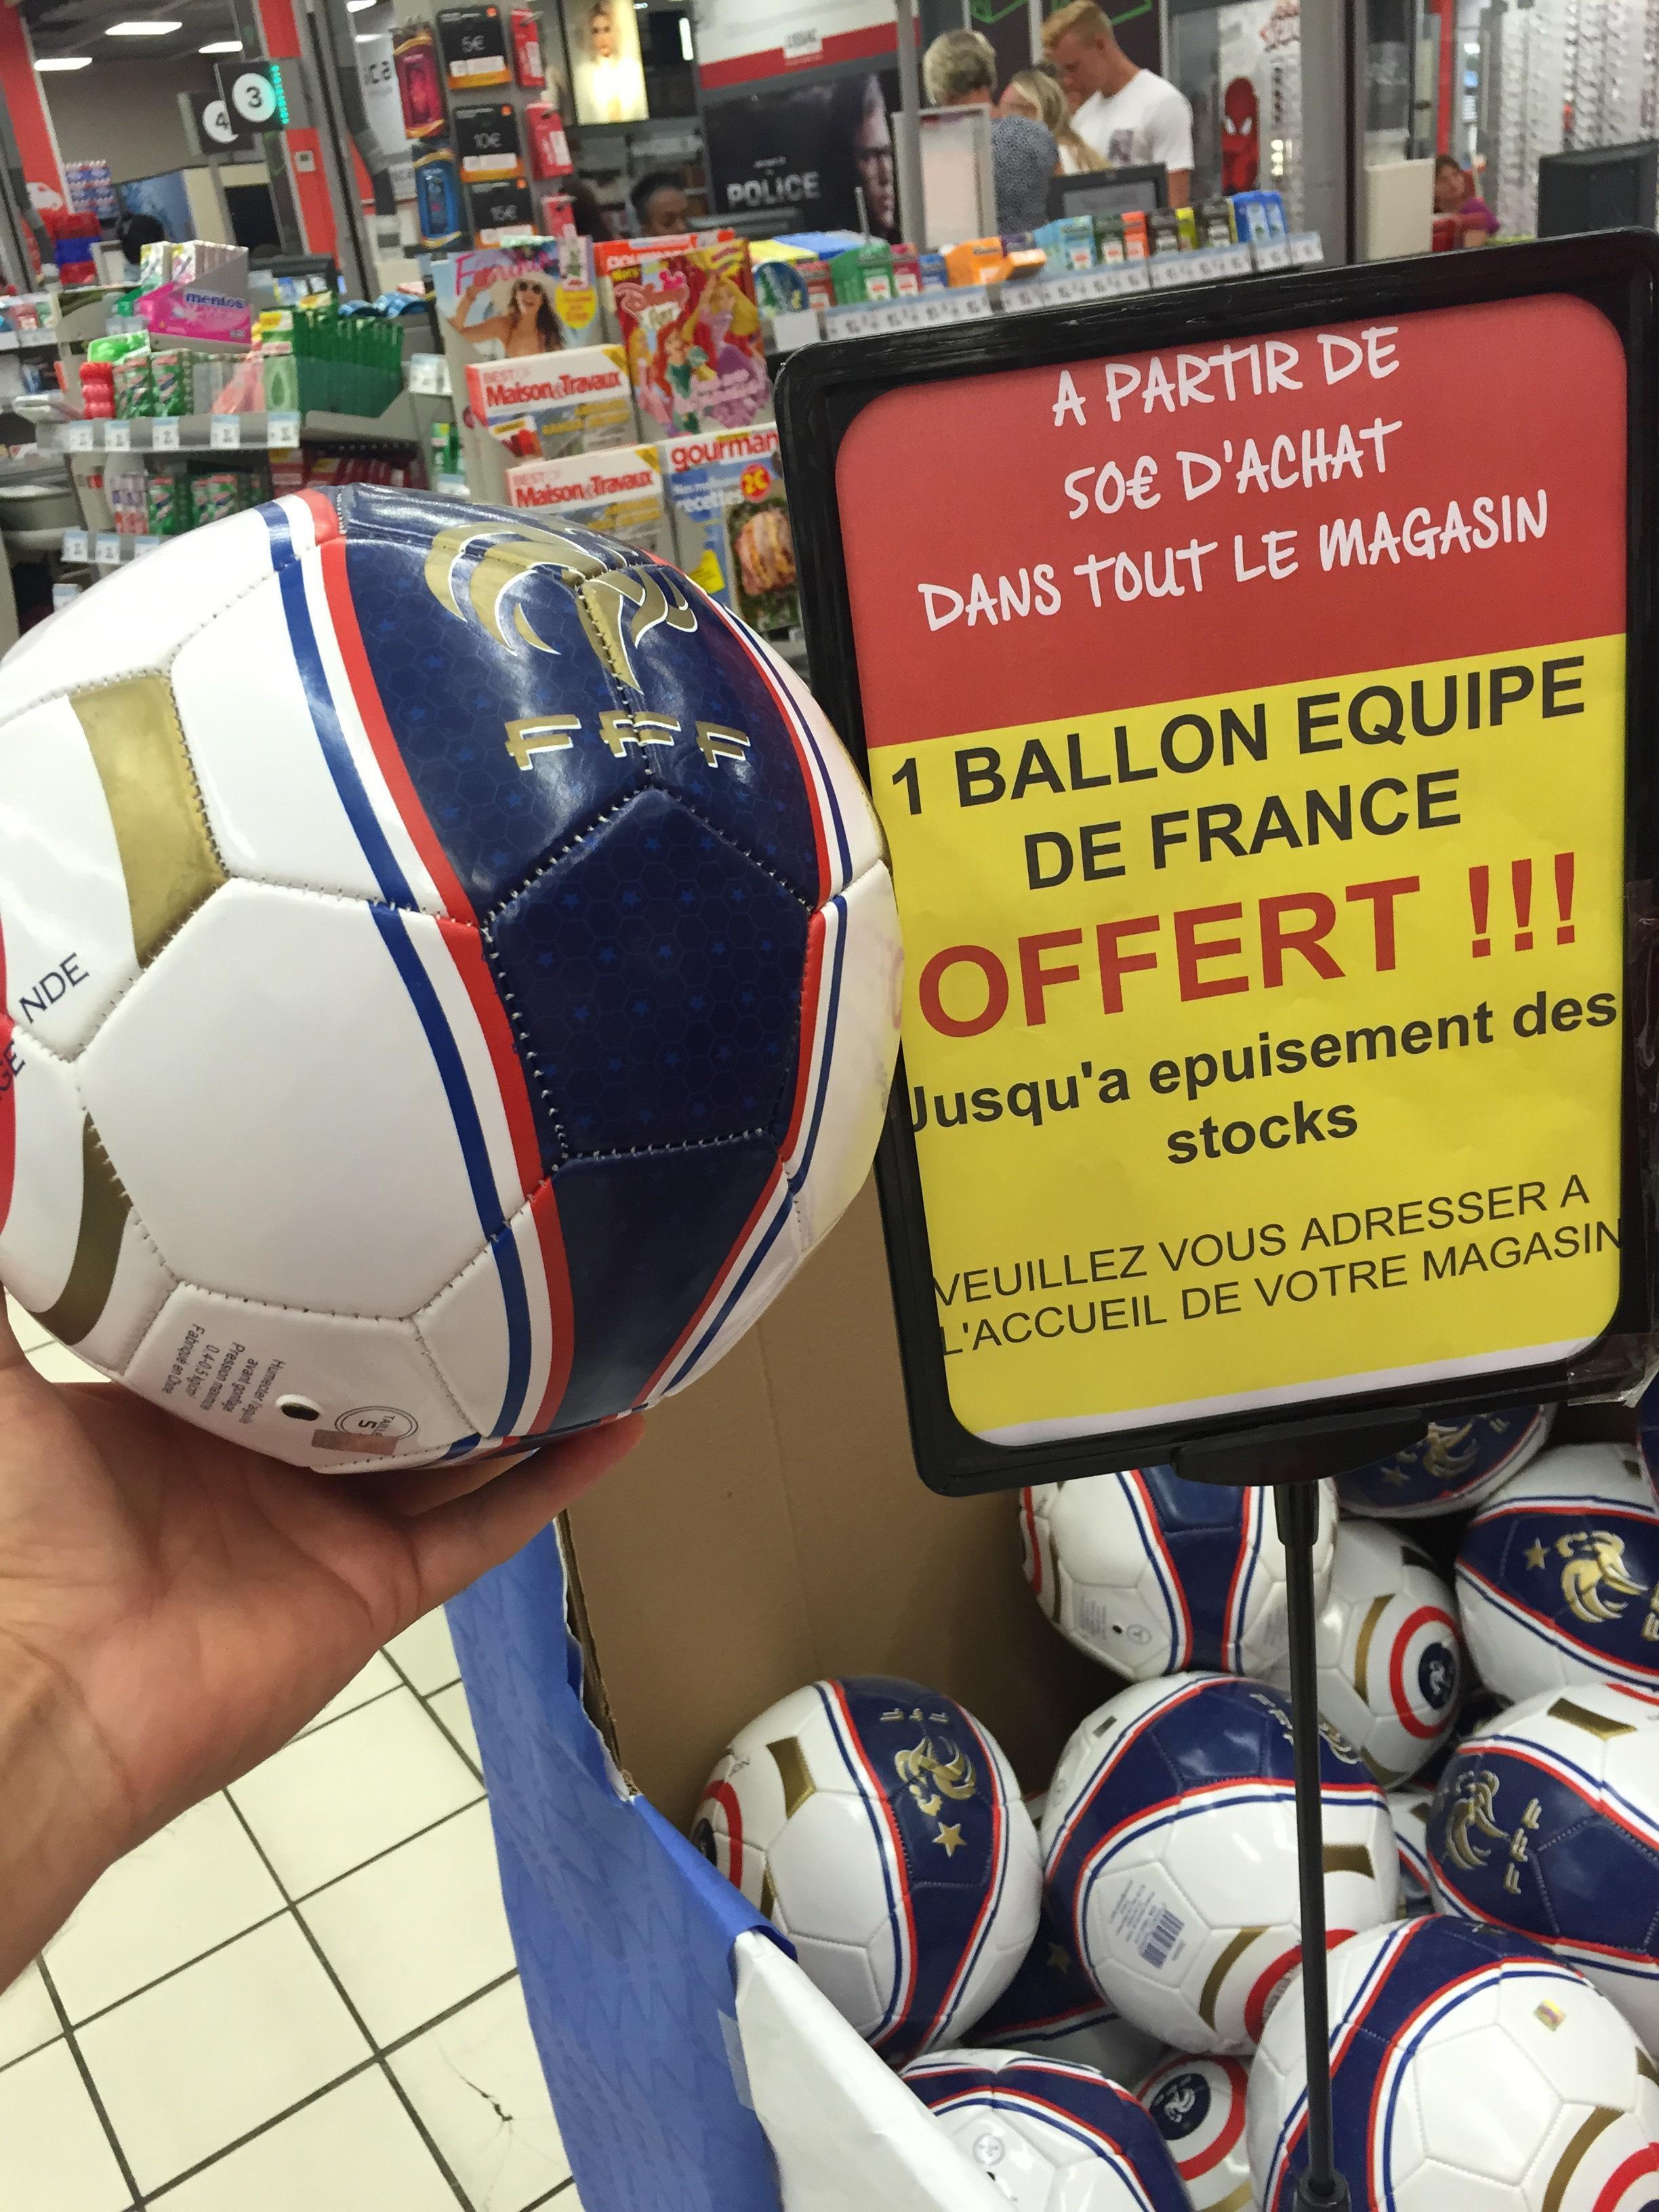 Ballon de Football Equipe de France offert au lieu de 13,90€ dès 50 euros d'achats